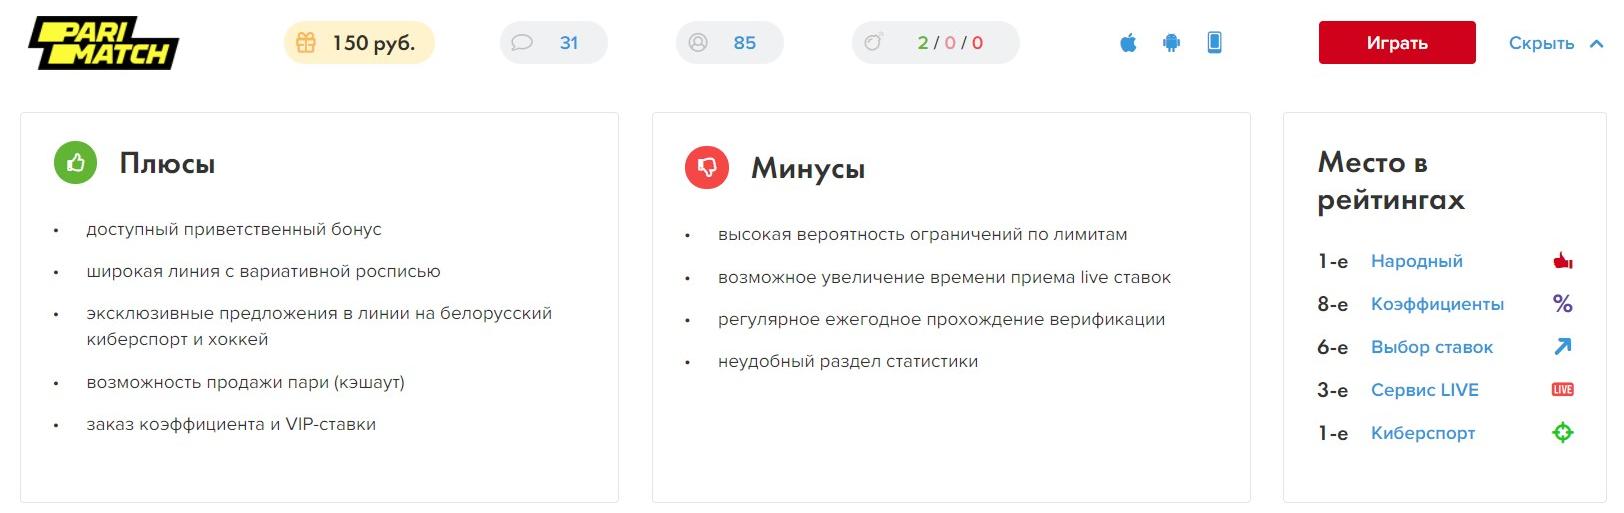 Как проверить качество букмекерской конторы на одной странице